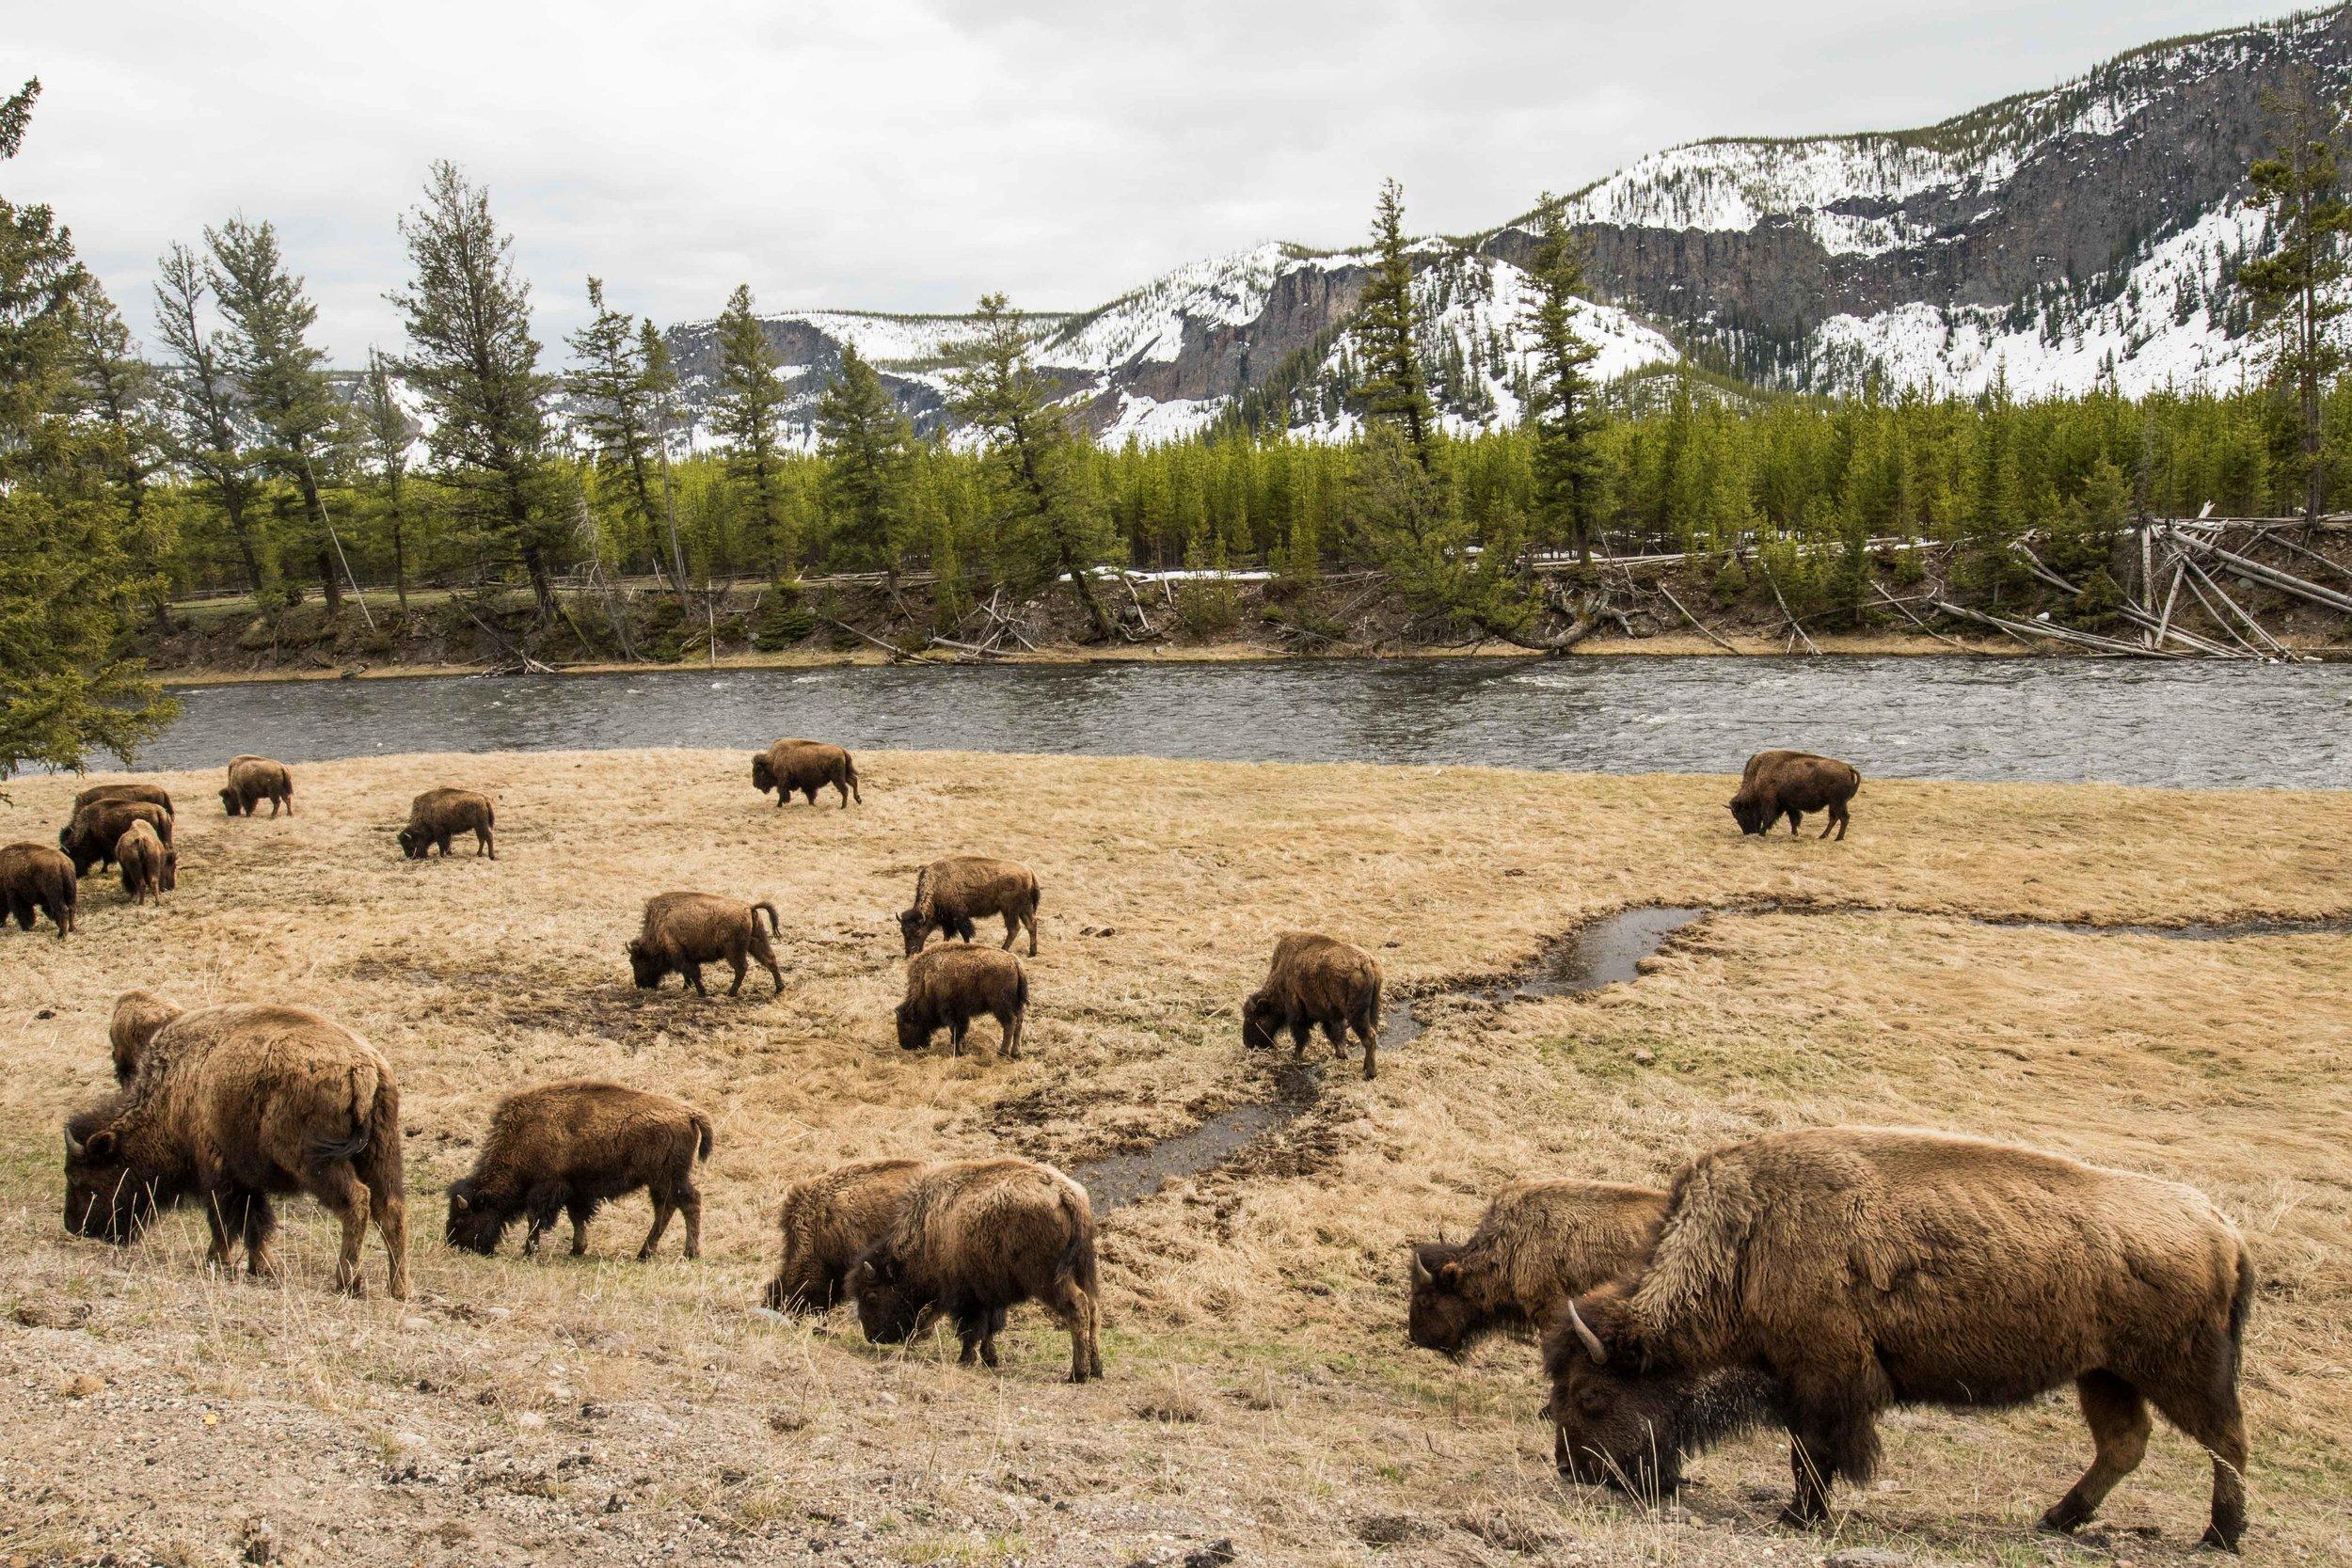 2019_Yellowstone-26.jpg